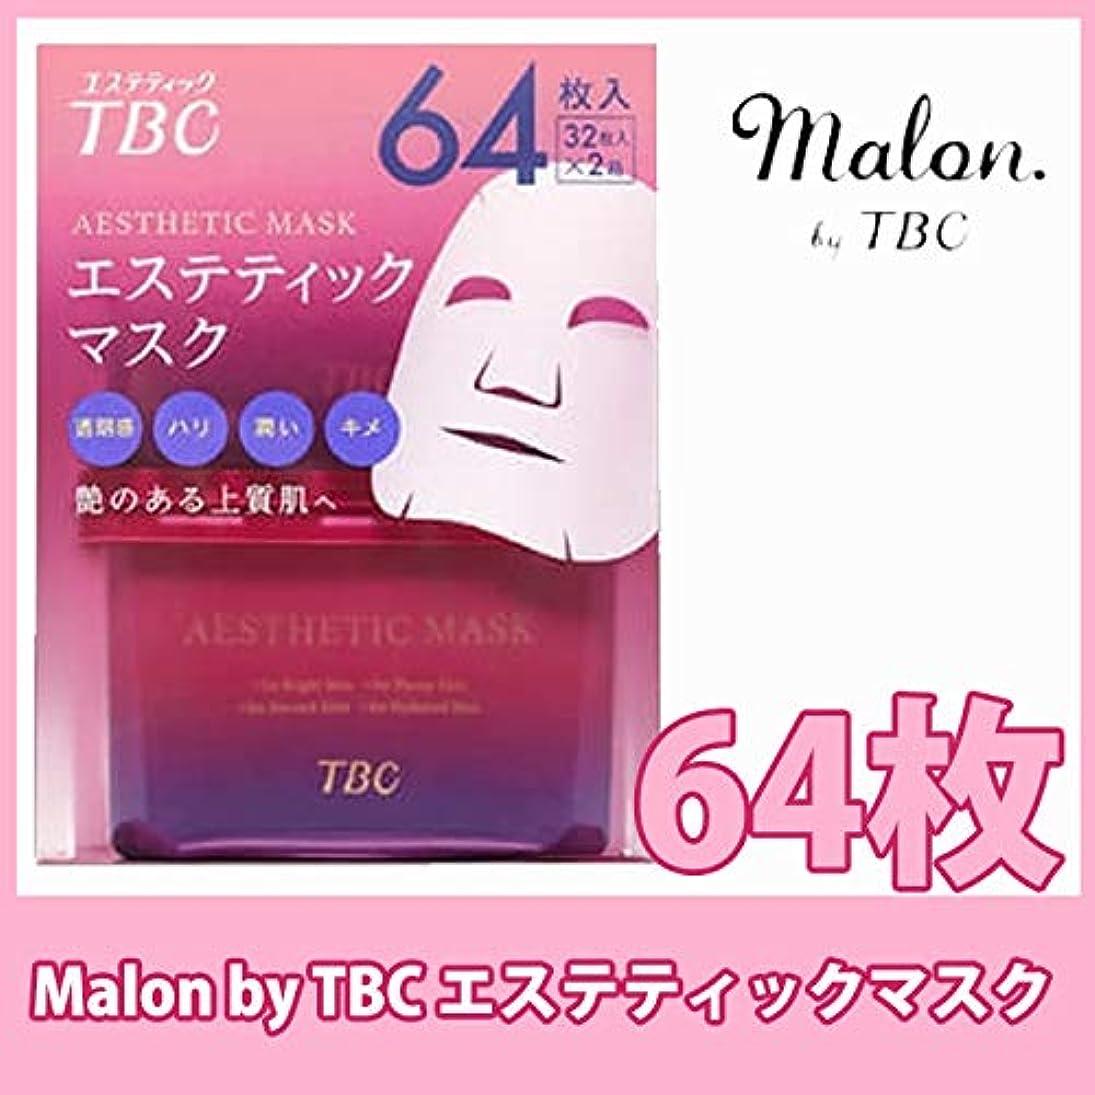 夕暮れチューブ飼料Malon by TBC エステティックマスク 30枚入×2袋 60枚入り